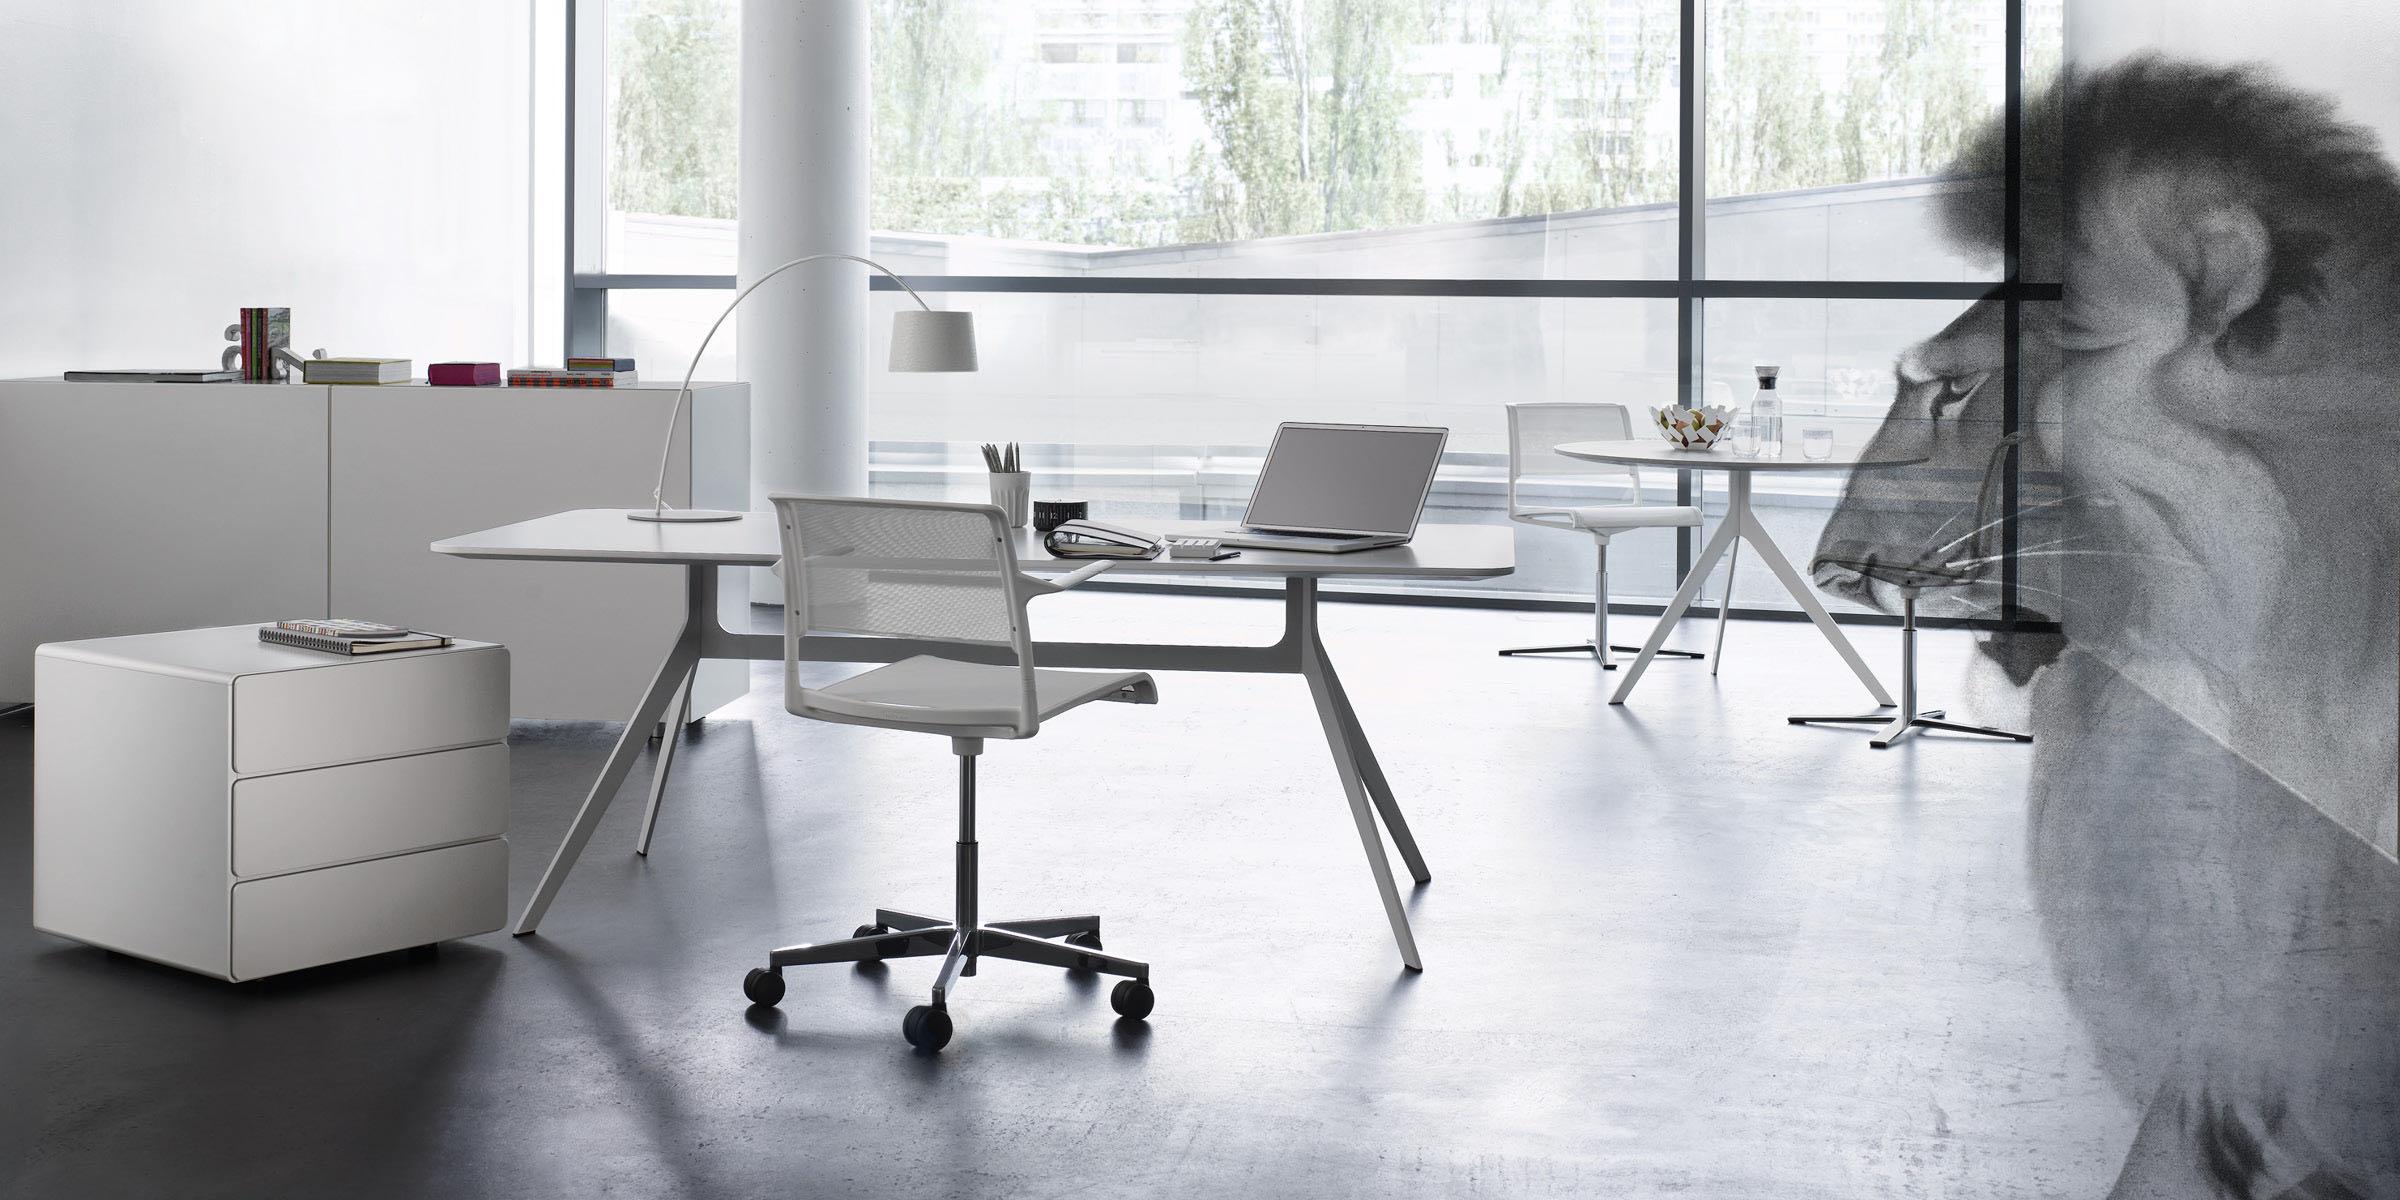 star start management stil buero aufbewahrung loewe schlicht office blaha